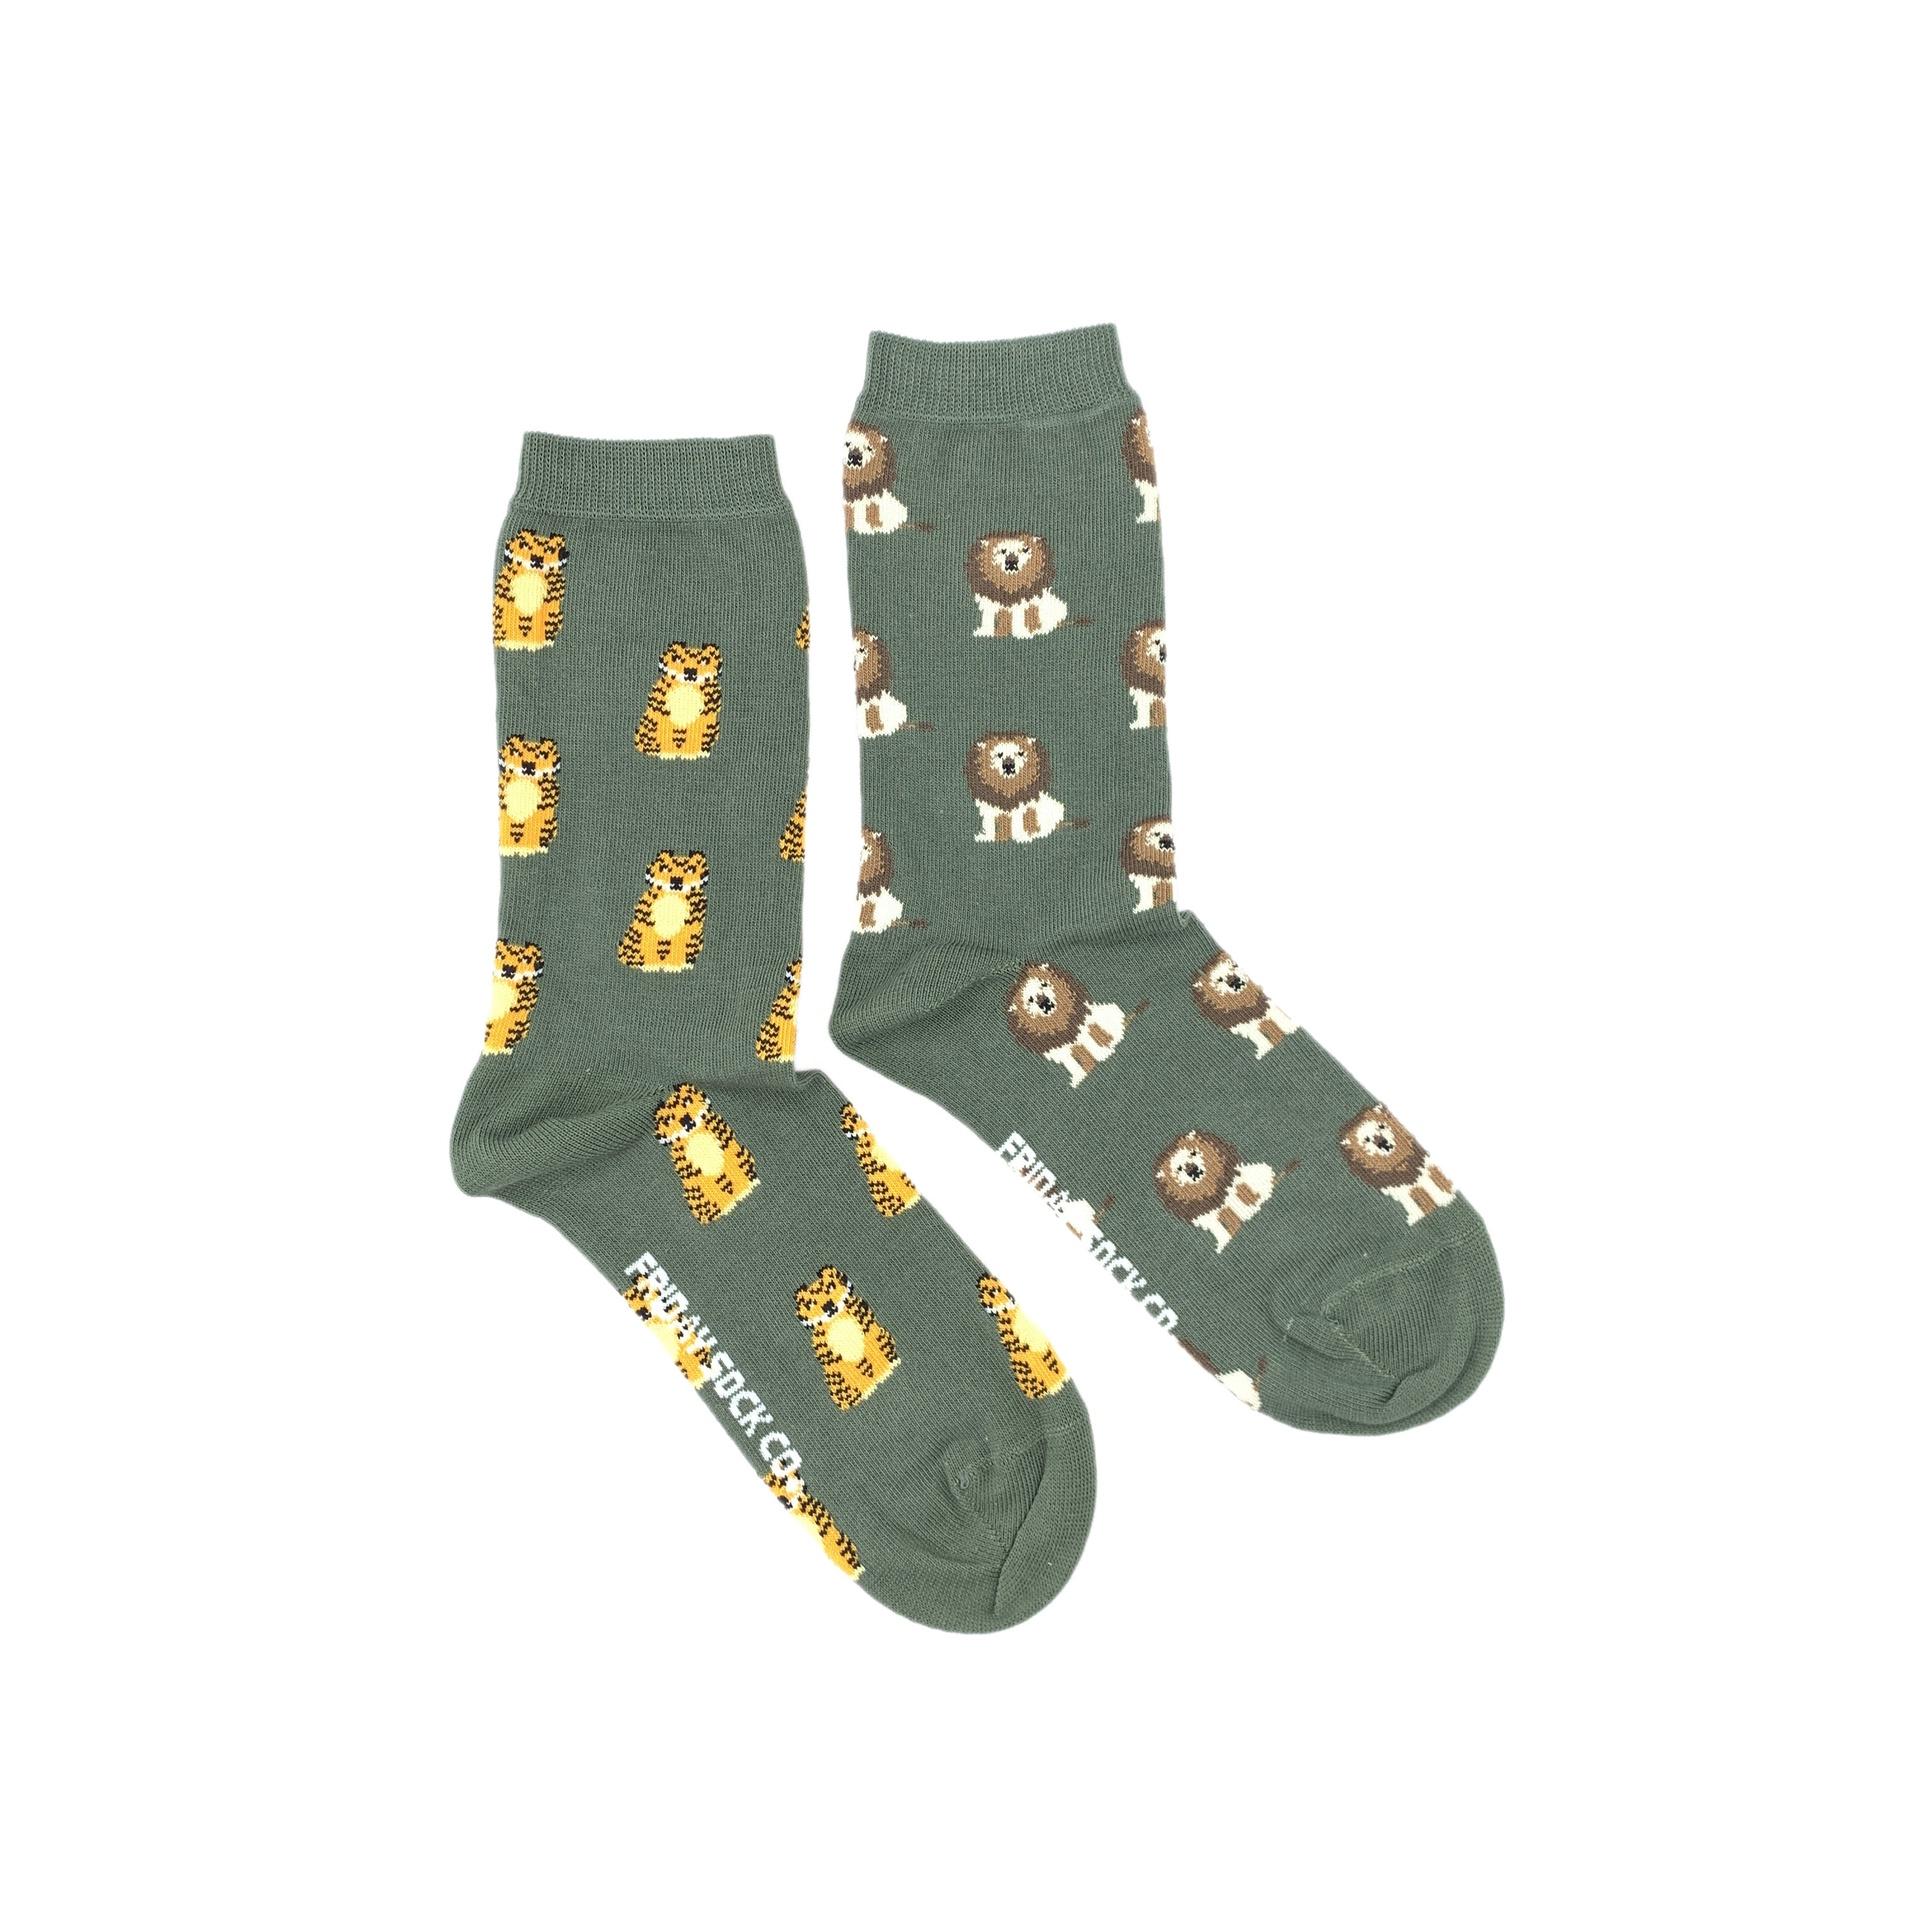 Lion & Tiger Crew Socks